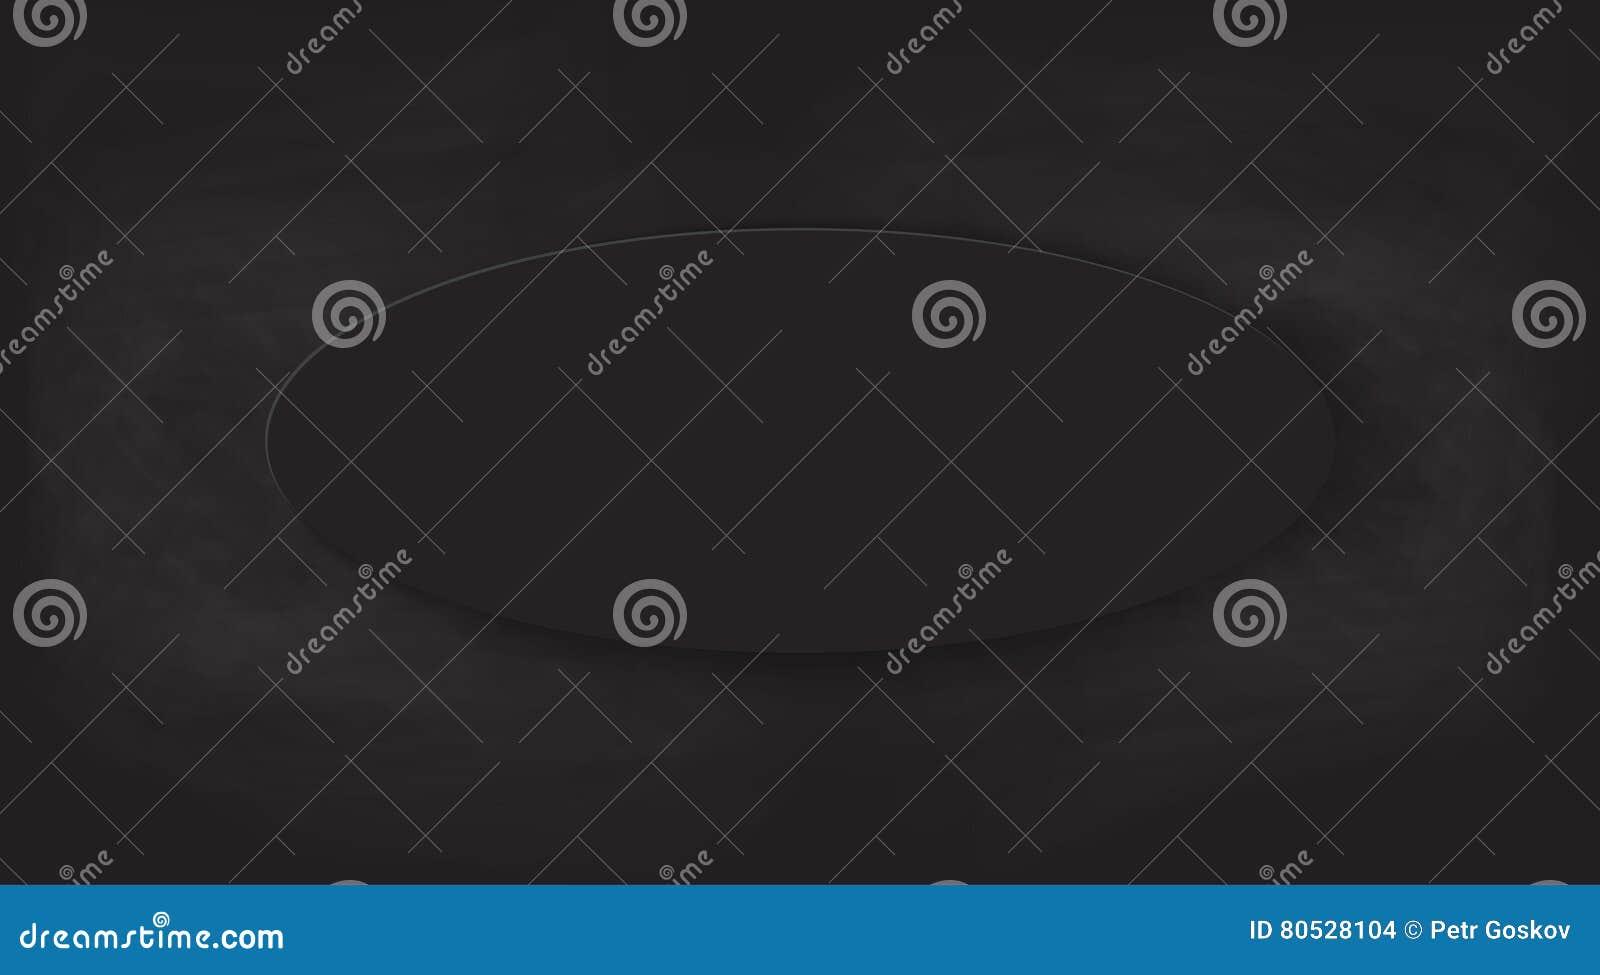 La Pietra Della Lavagna fondo nero della lavagna struttura di vettore illustrazione